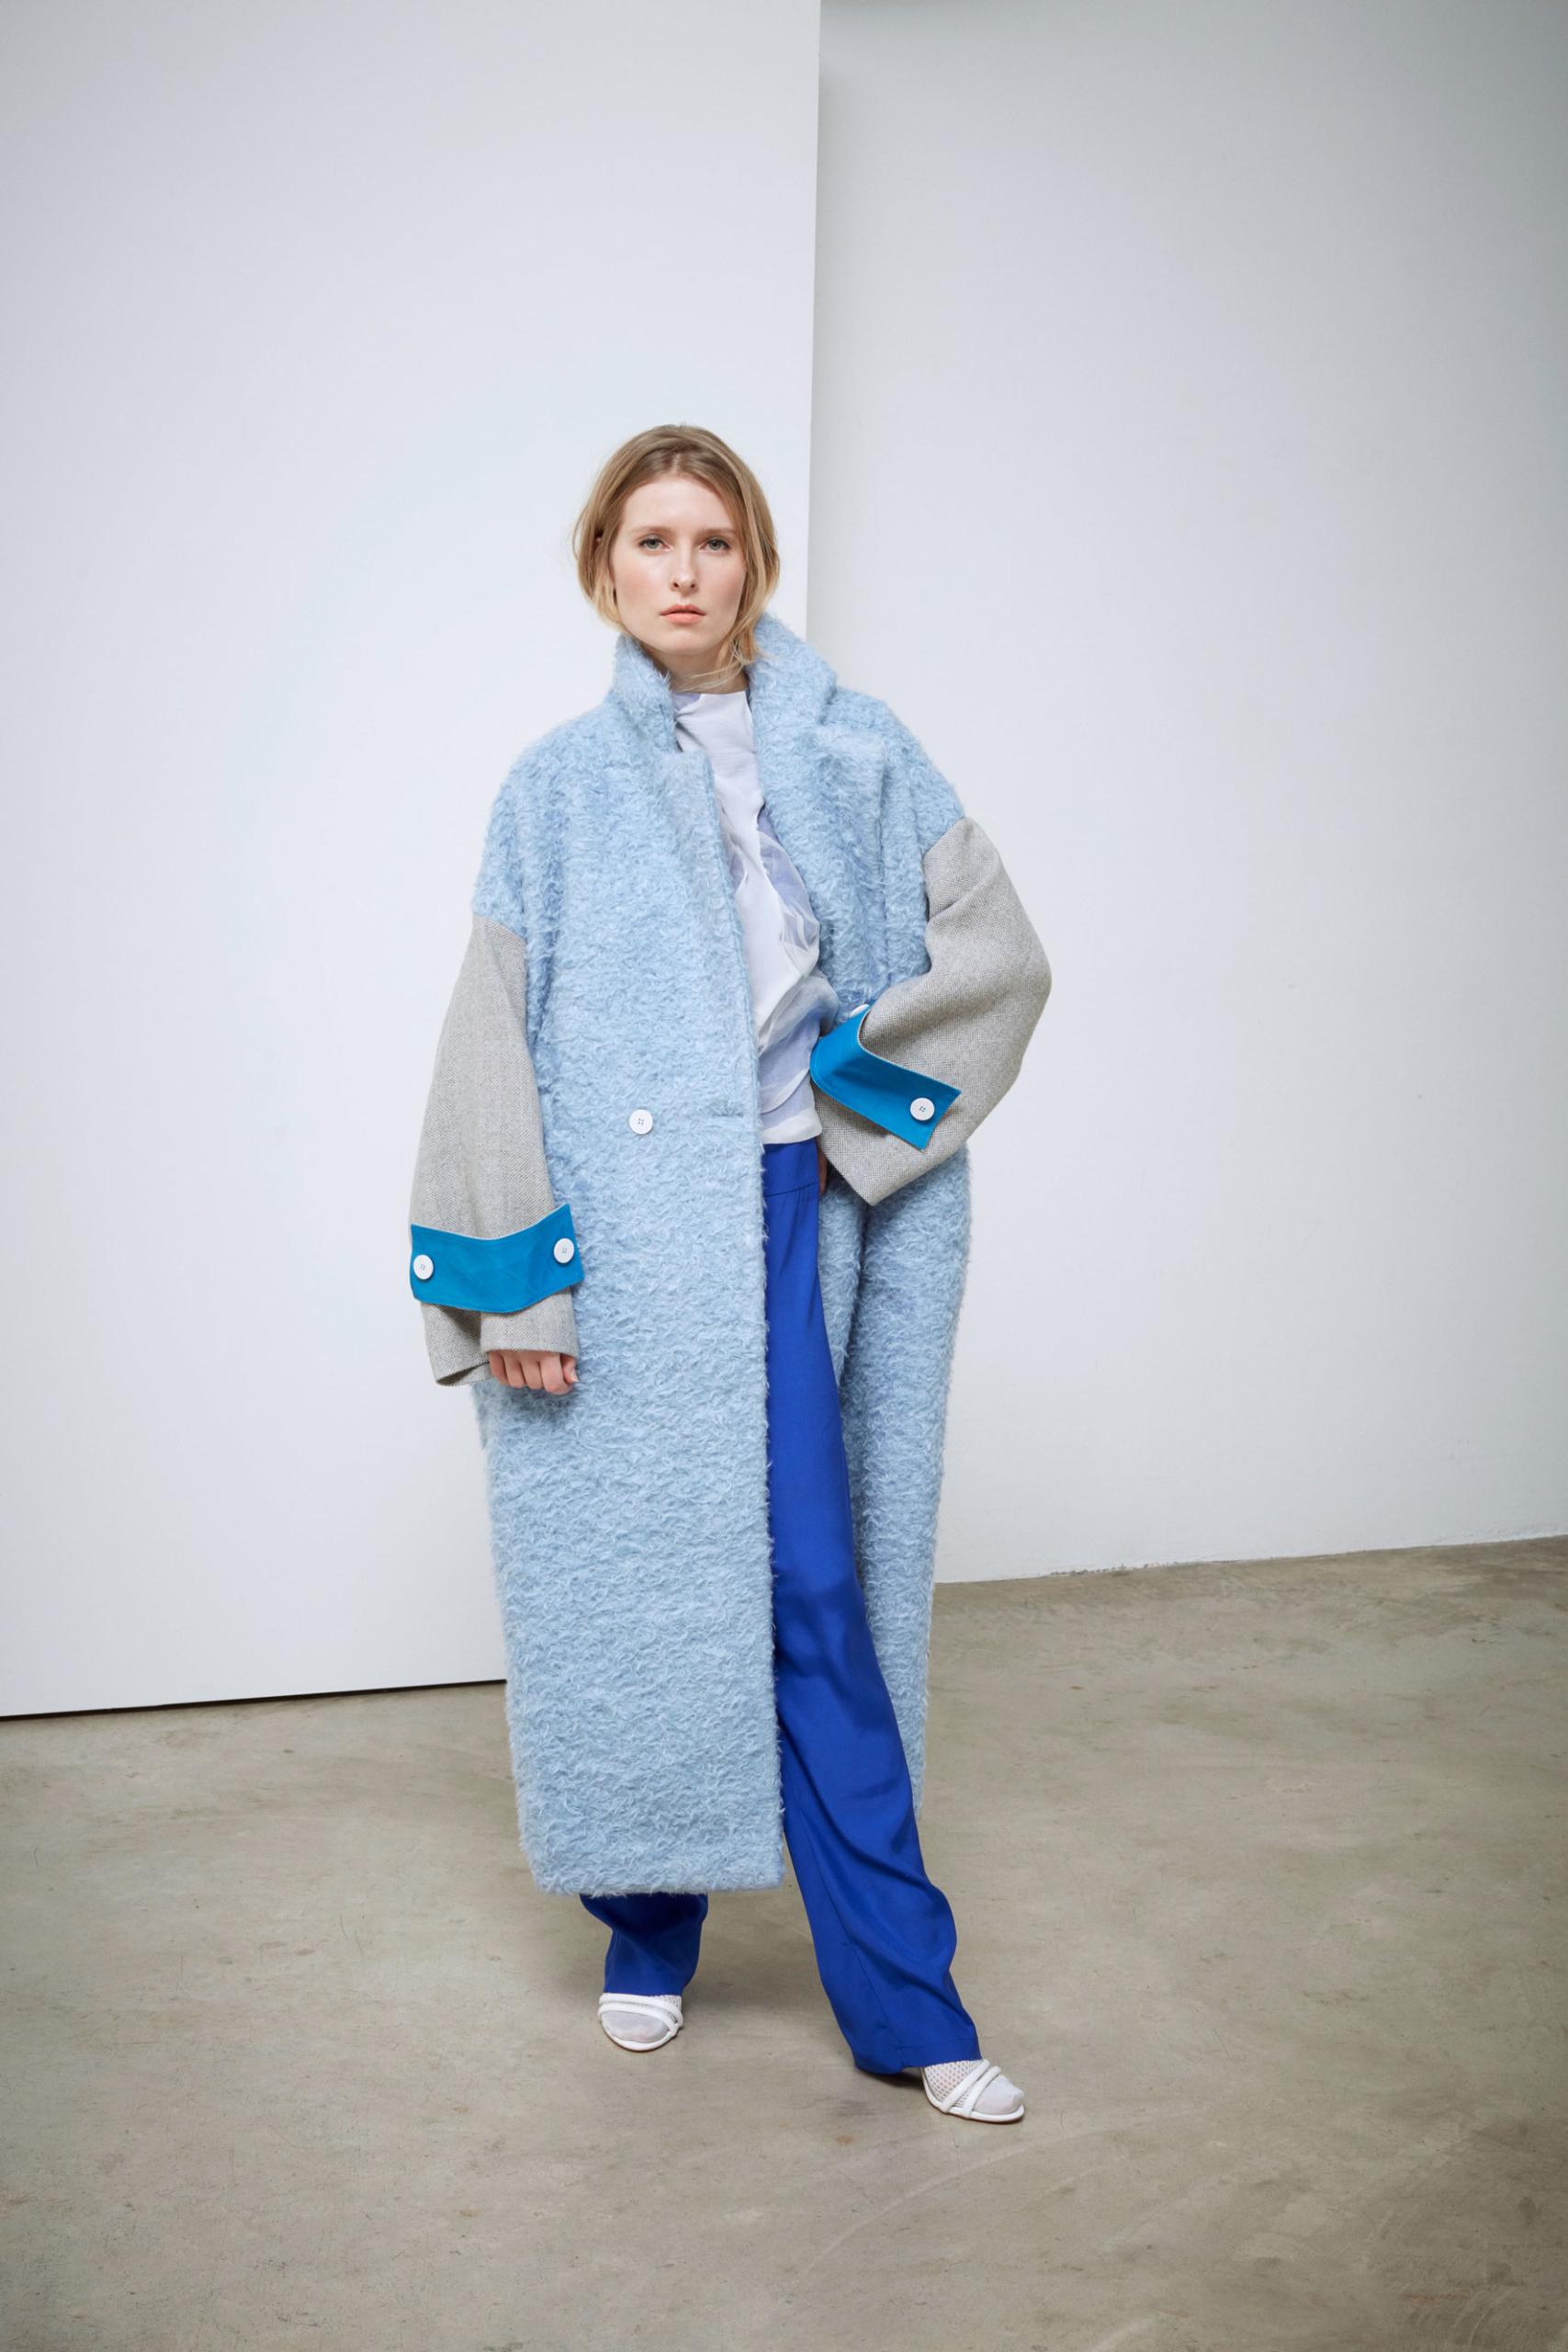 Bav-Tailor-cappotto-azzurro-fronte